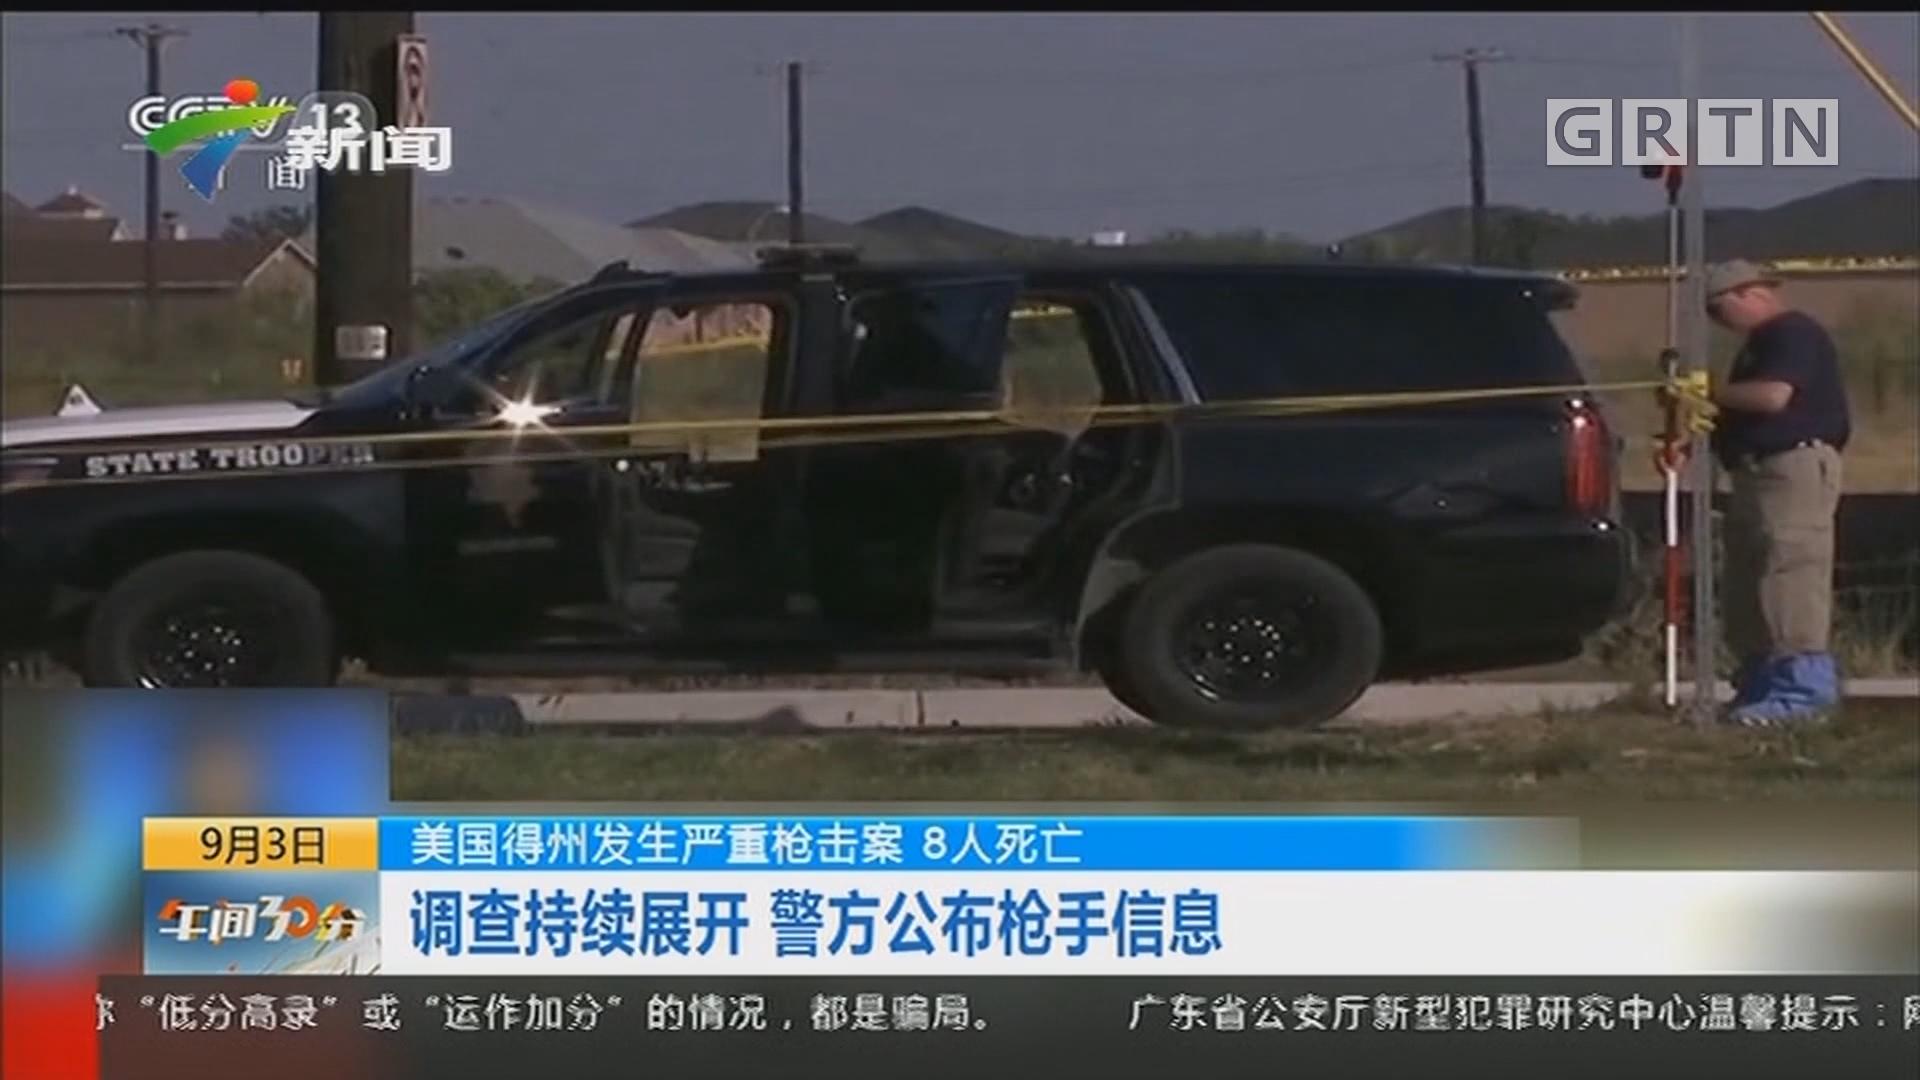 美国得州发生严重枪击案 8人死亡:调查持续展开 警方公布枪手信息